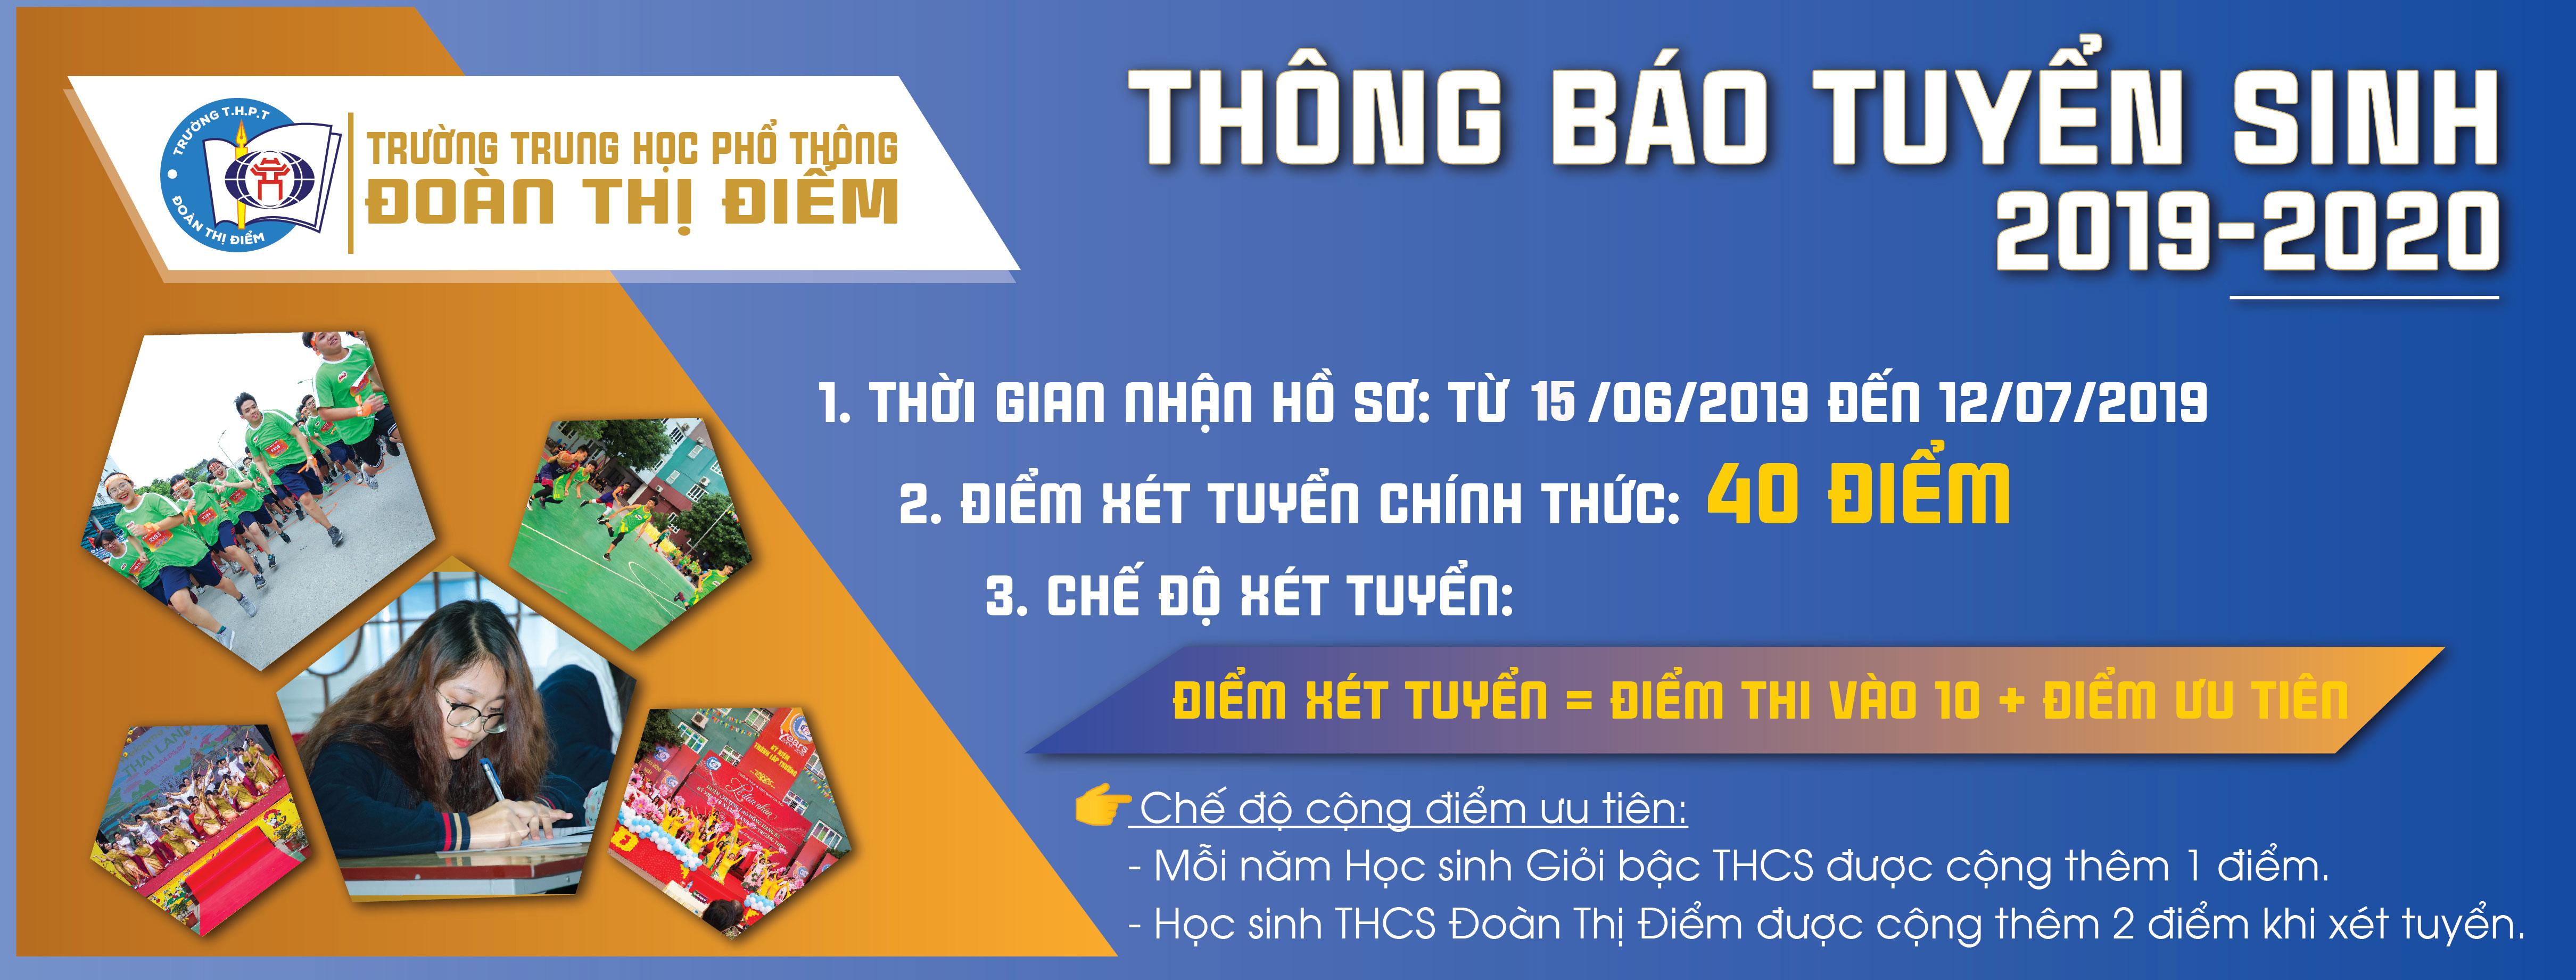 THÔNG BÁO TUYỂN SINH LỚP 10 NĂM HỌC 2019 - 2020